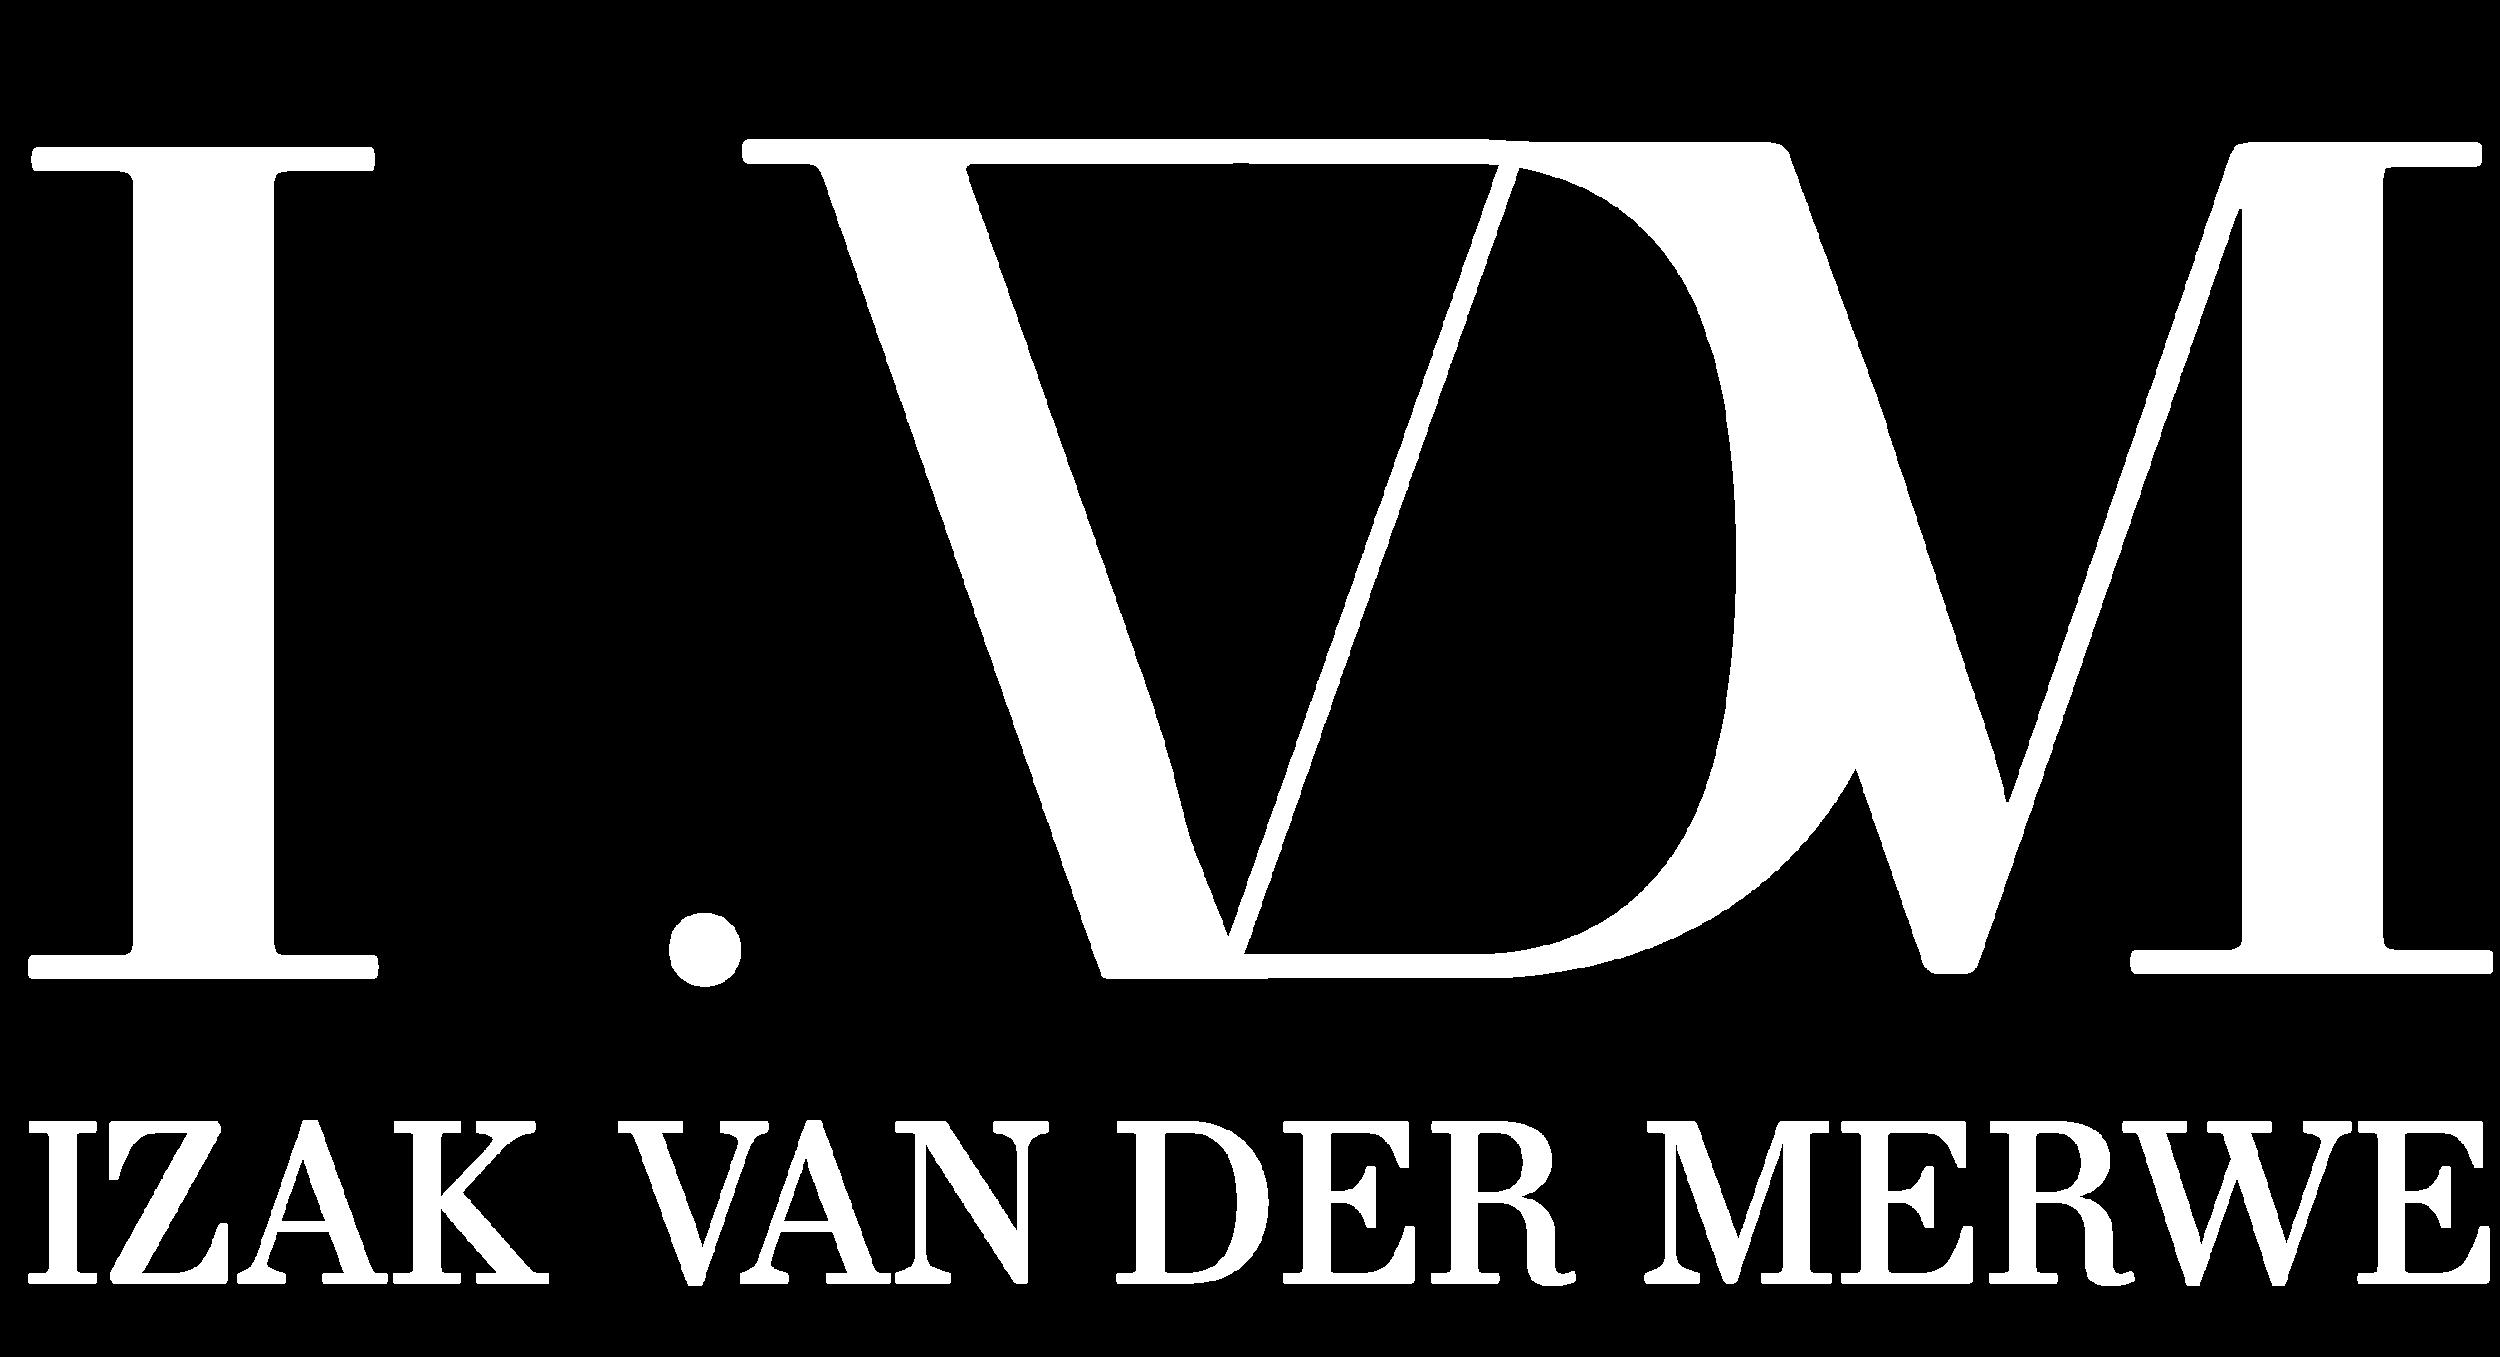 IVDM_Logo 2 WEB WHITE.png